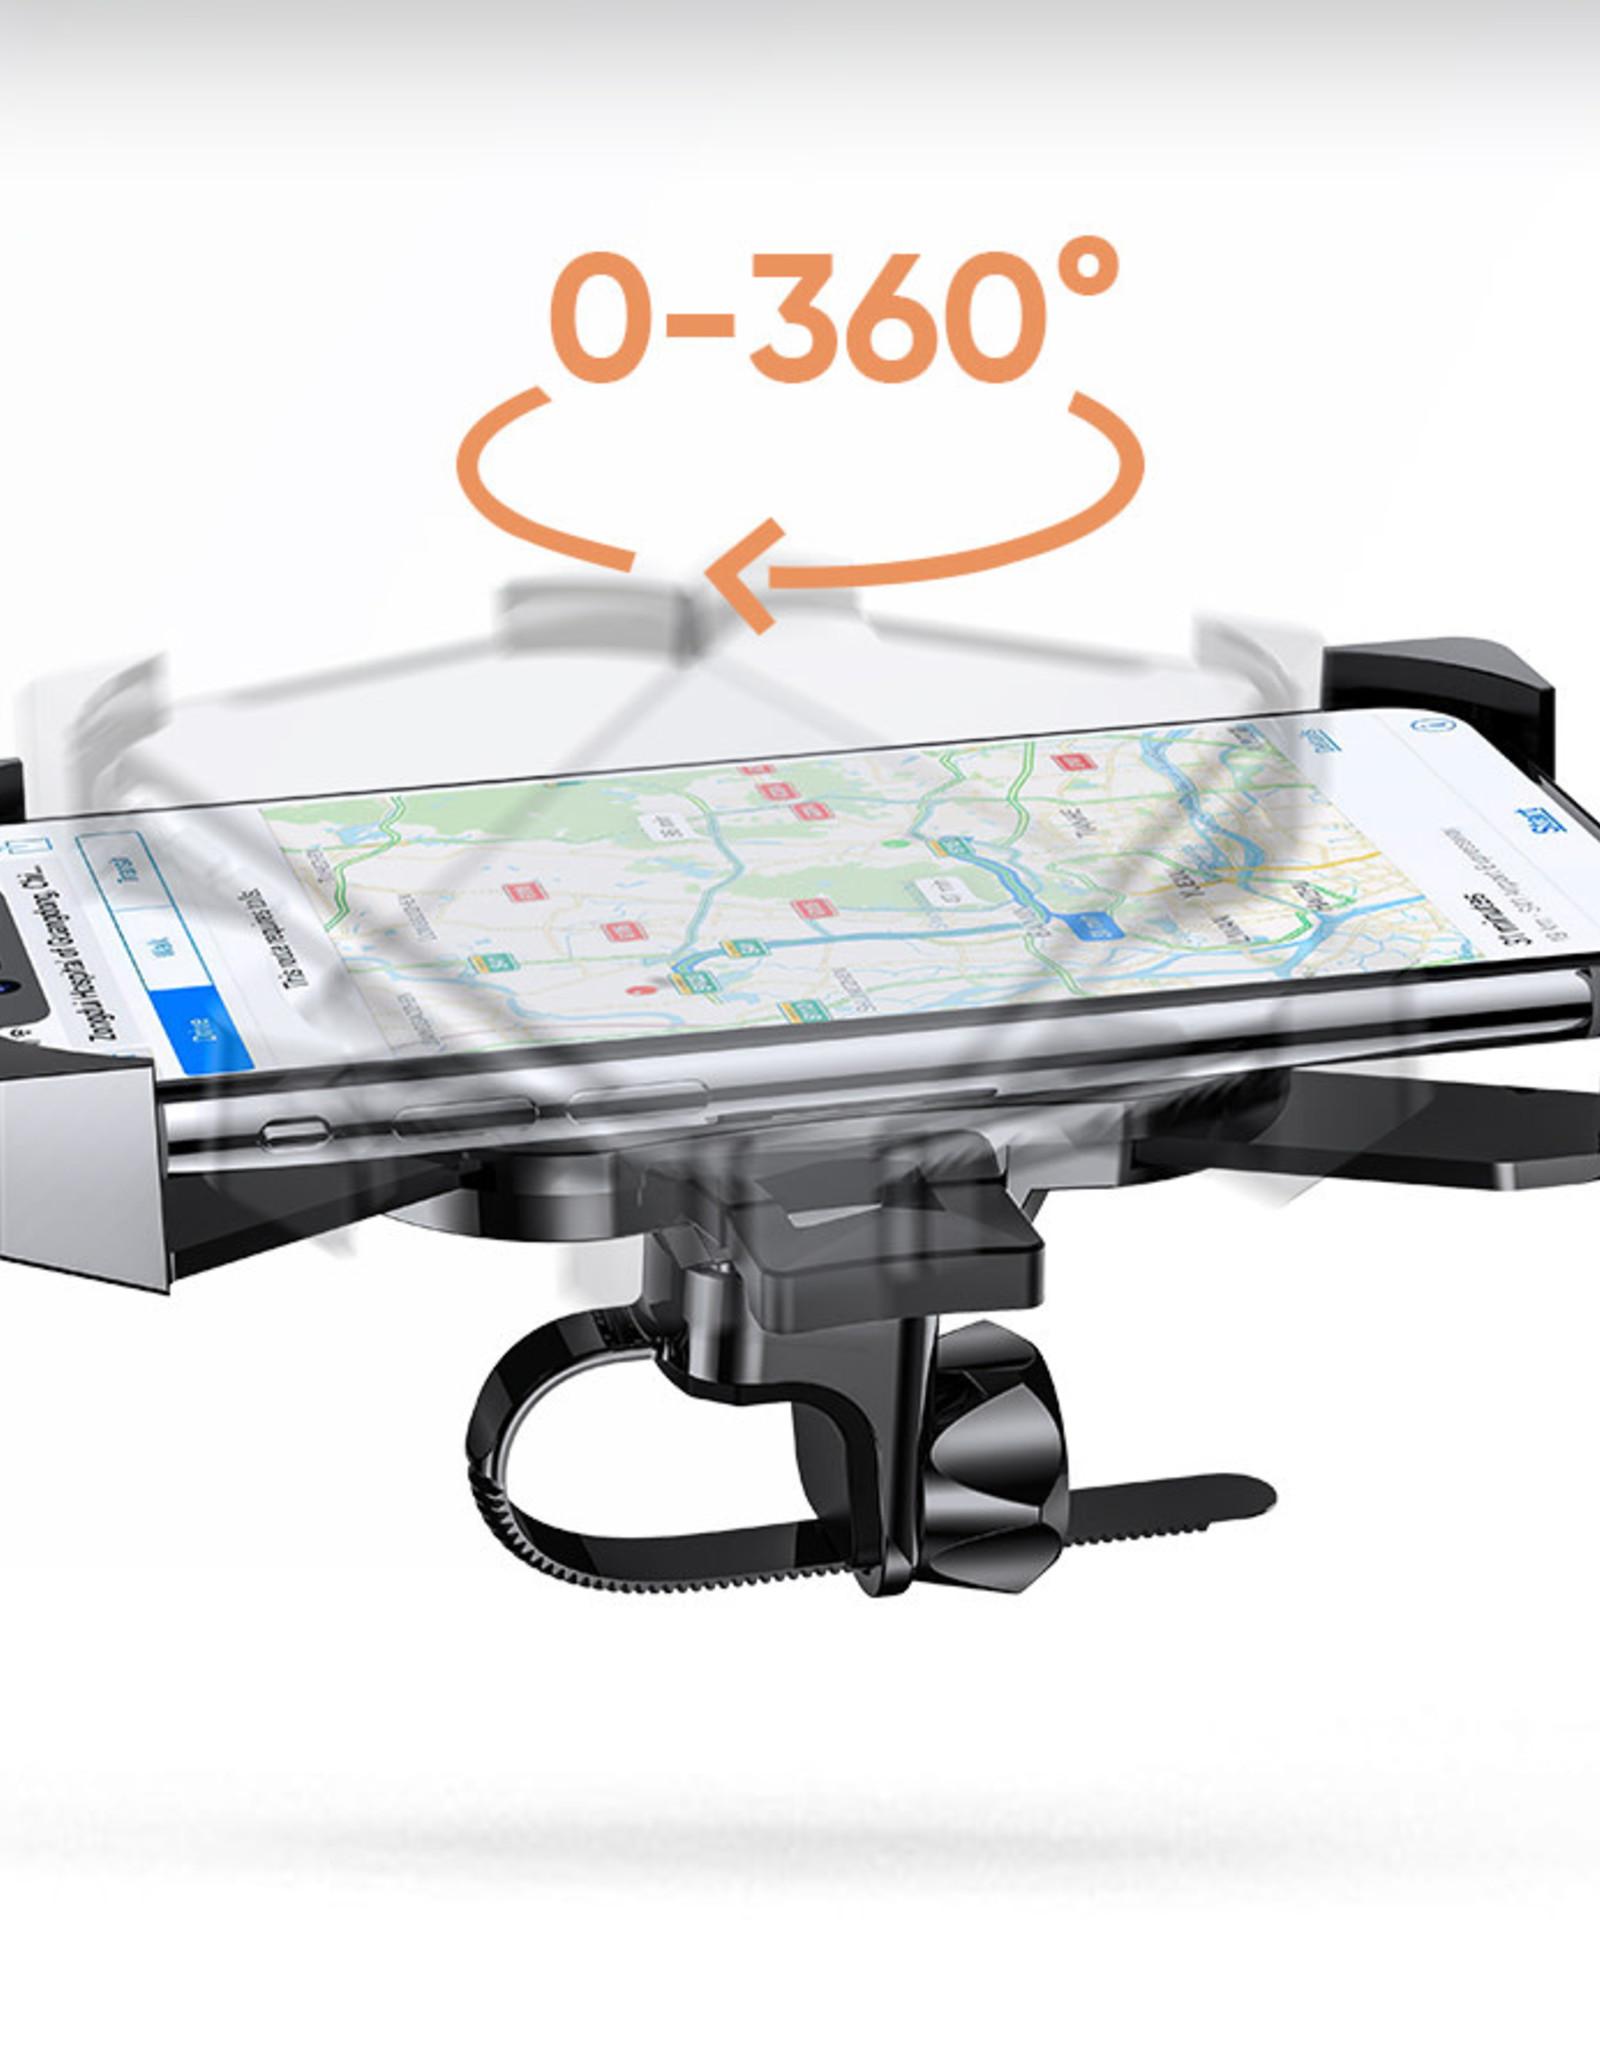 Joyroom JR-OK5 Bicycle | Bike & Motorcycle Phone Mount